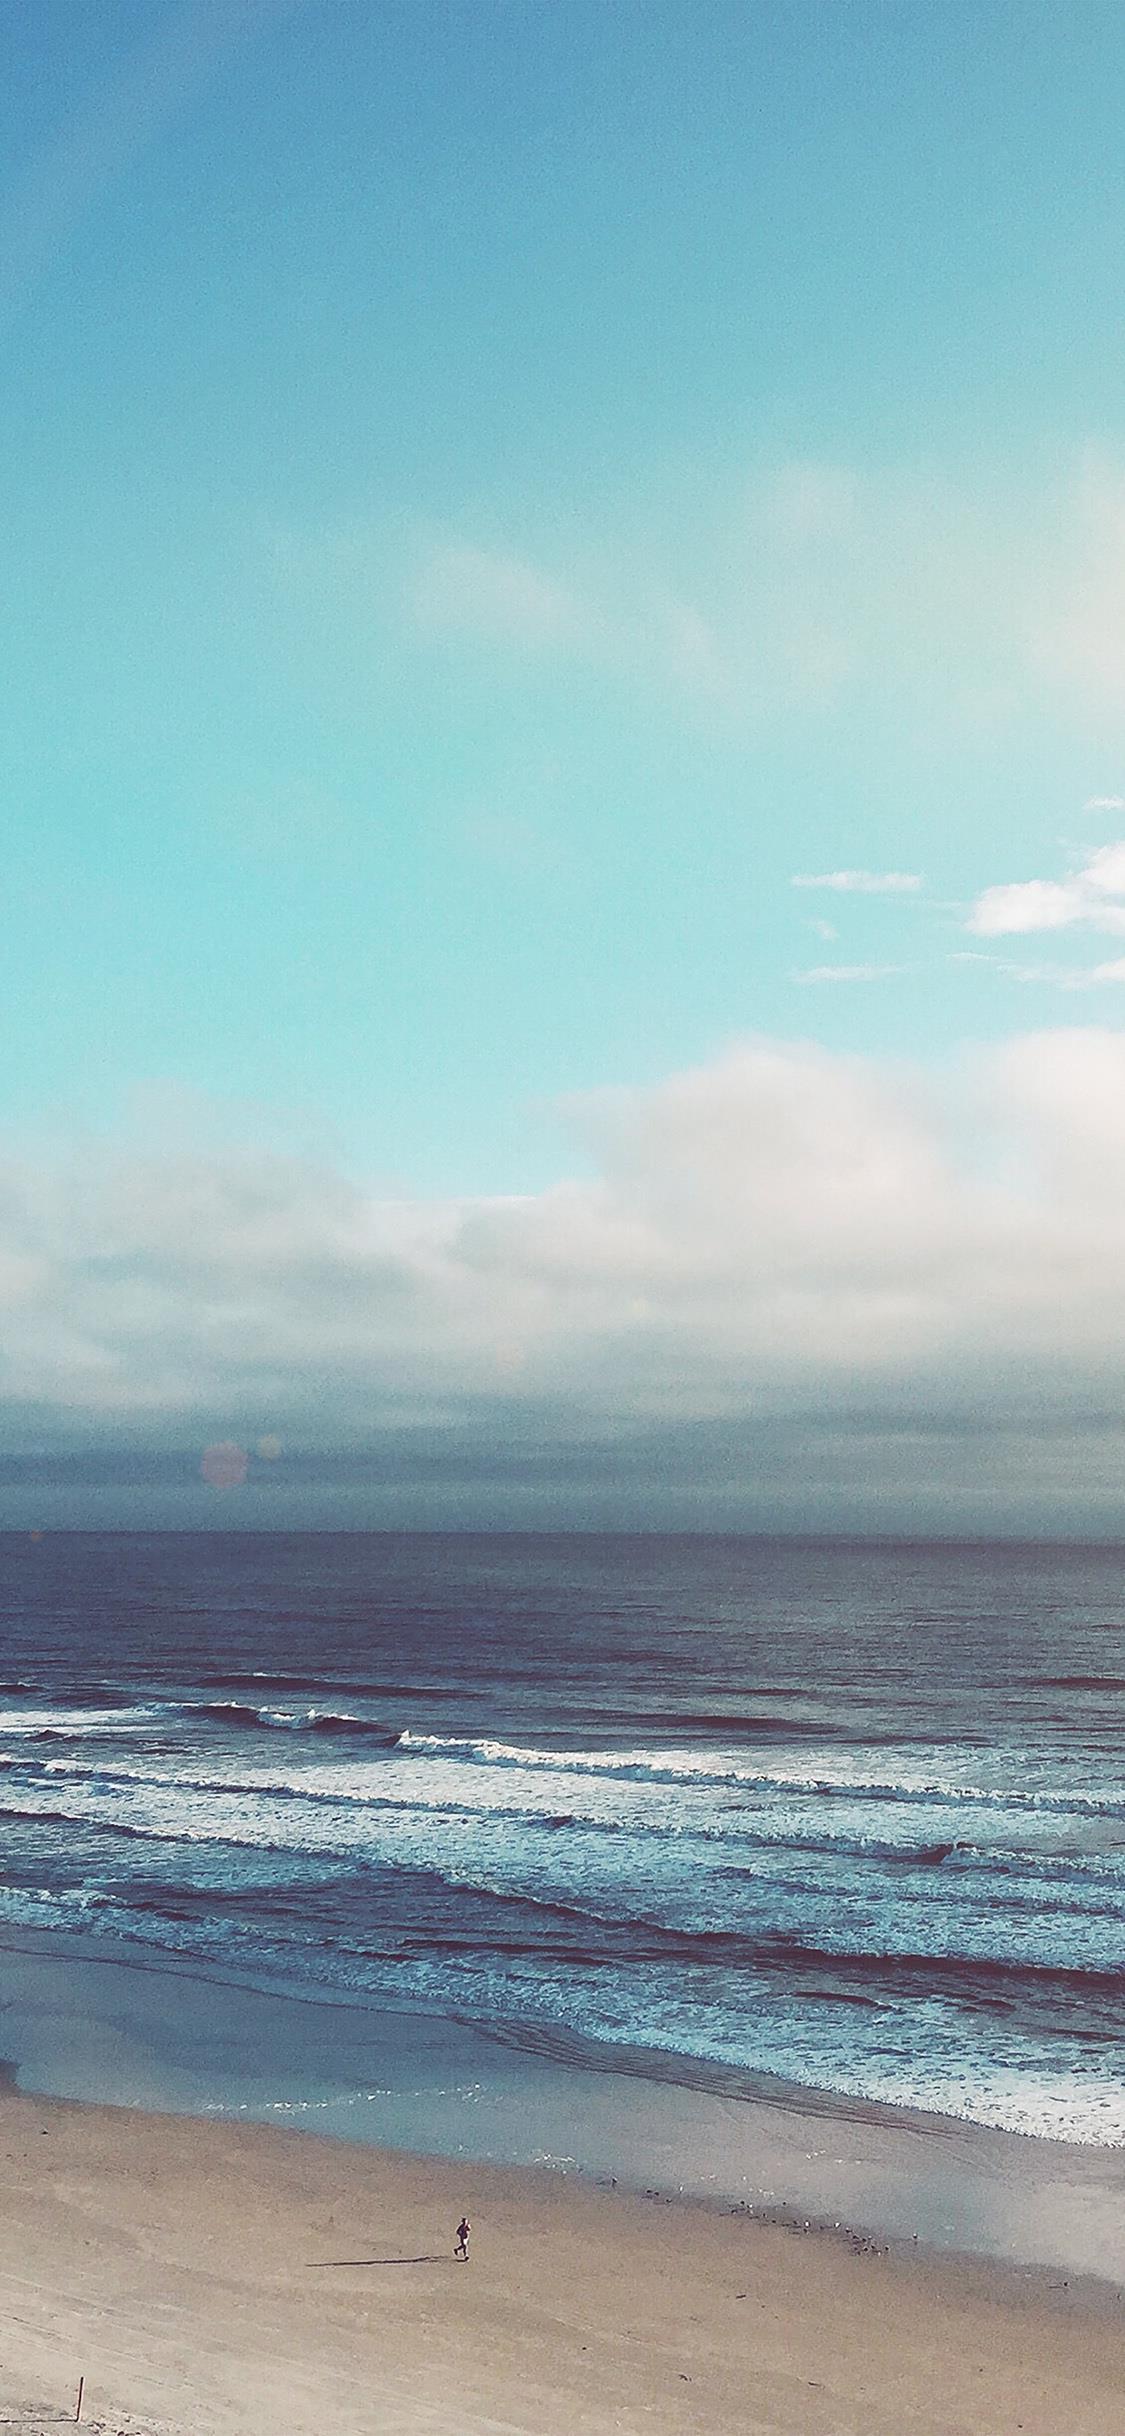 La spiaggia e l'oceano - Sfondi per iPhone, i migliori da scaricare gratis